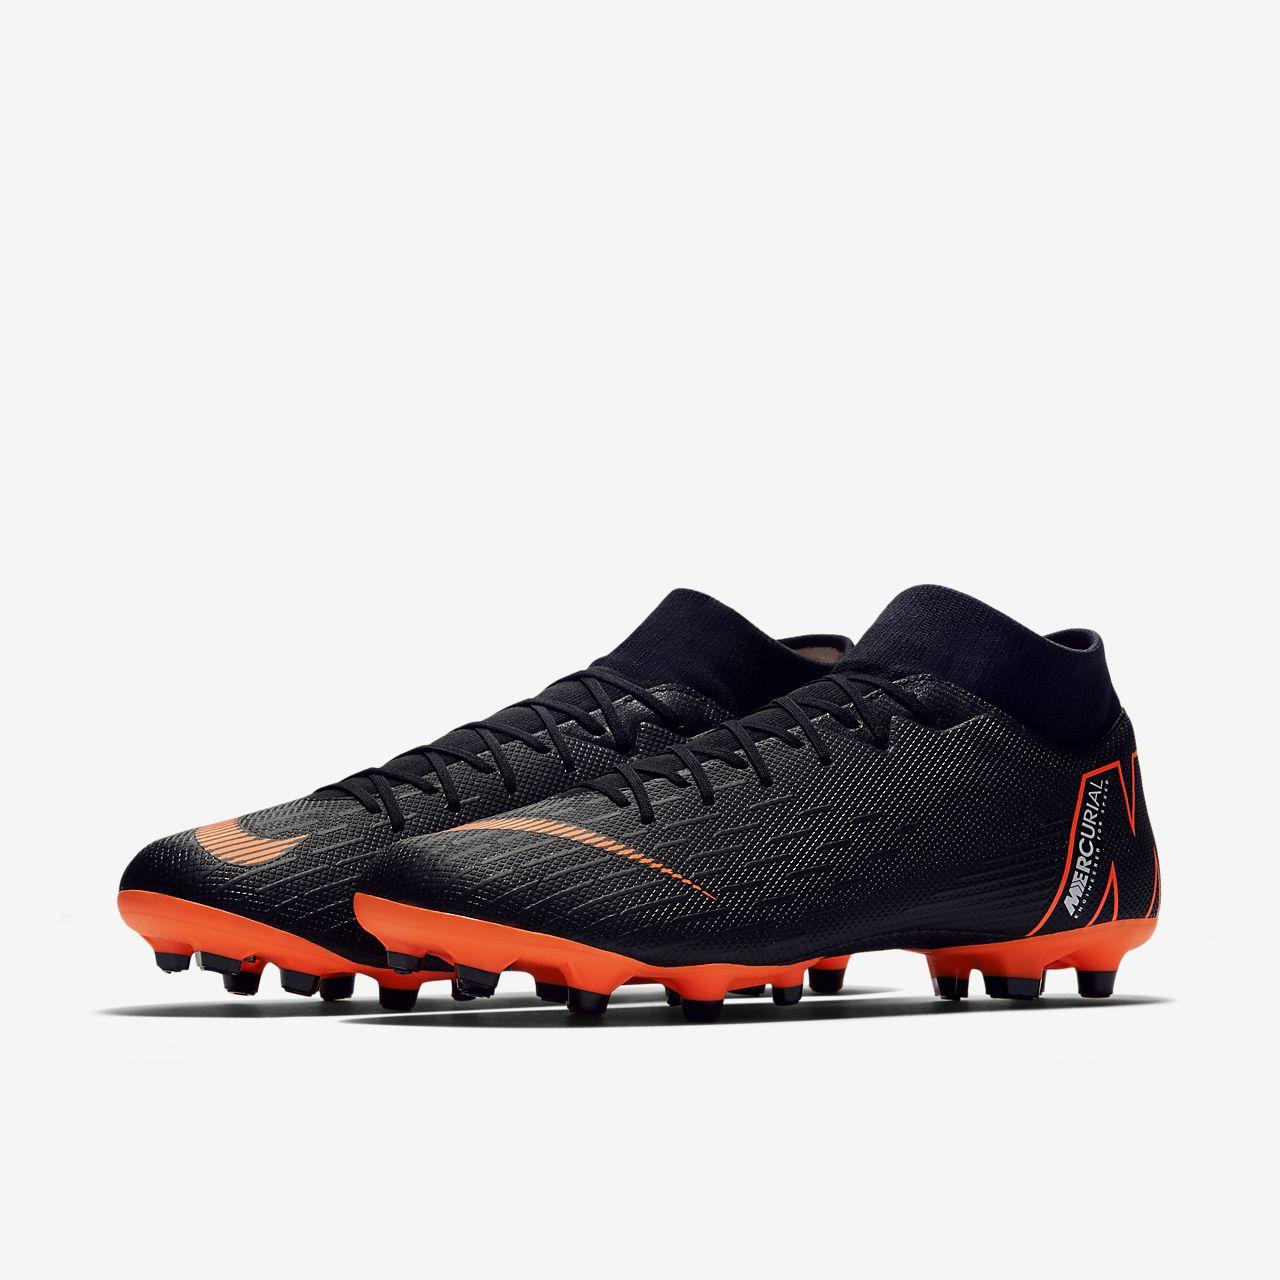 online store abadd bd95f ... Nike Mercurial Superfly VI Academy MG Herren-Fußballschuh für verschiedene  Böden